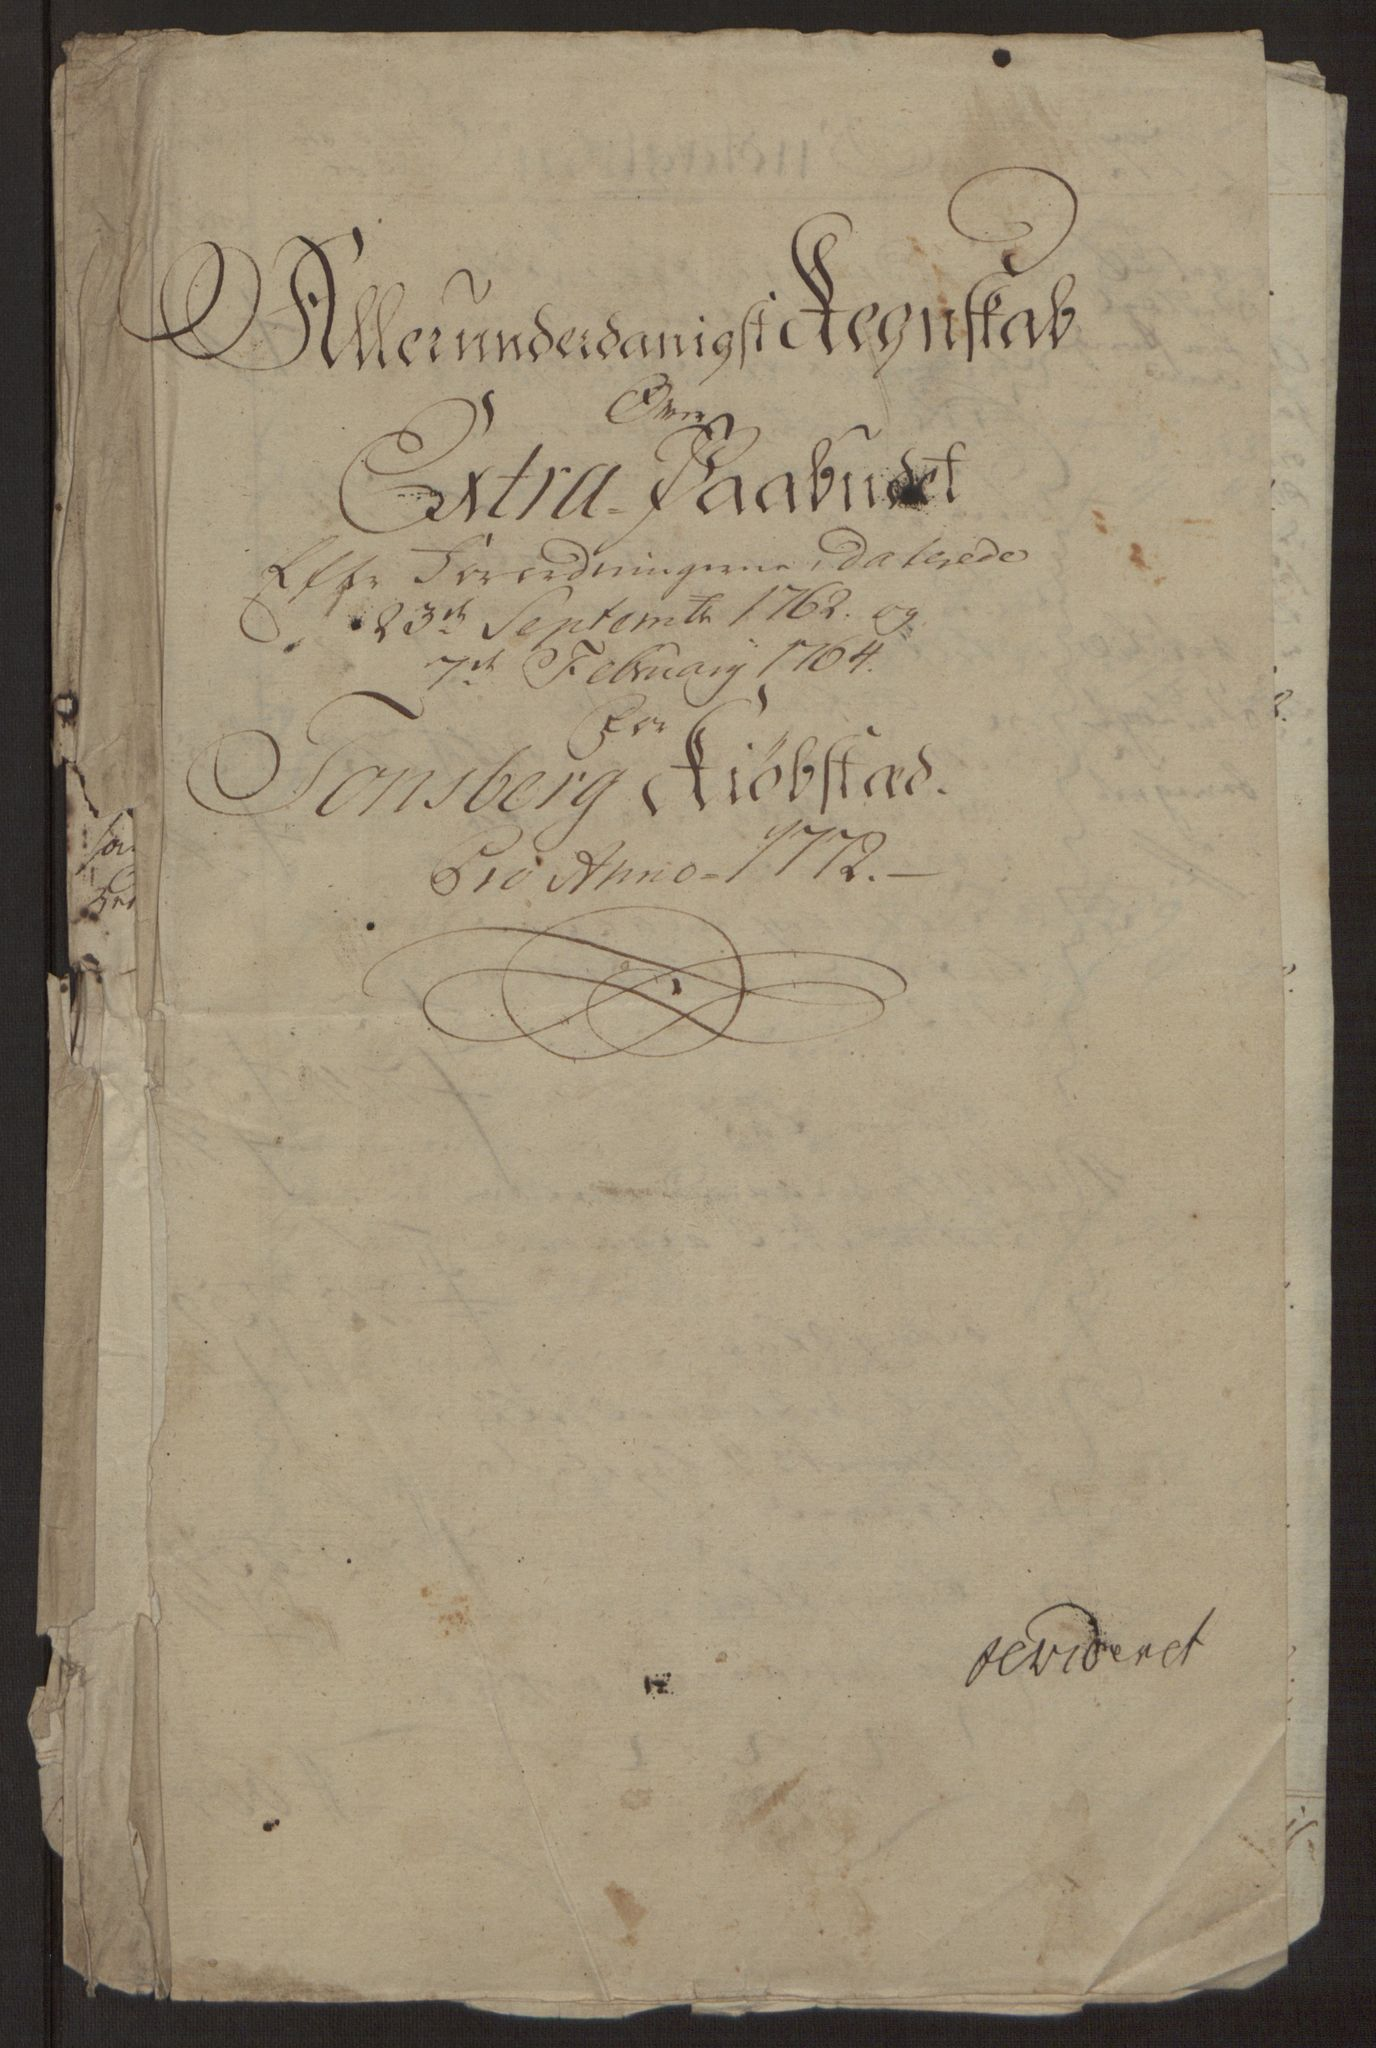 RA, Rentekammeret inntil 1814, Reviderte regnskaper, Byregnskaper, R/Rh/L0162: [H4] Kontribusjonsregnskap, 1762-1772, s. 402